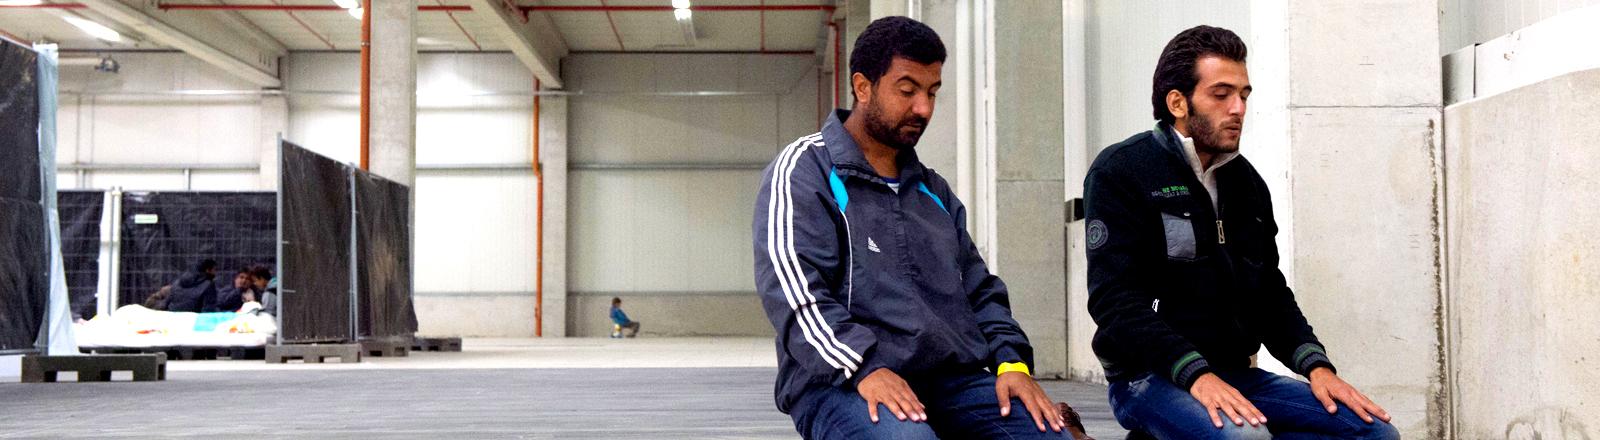 Zwei syrische Männer beten in einem vorrübergehenden Flüchtlingslager in Thüringen auf improvisierten Gebetsteppichen.